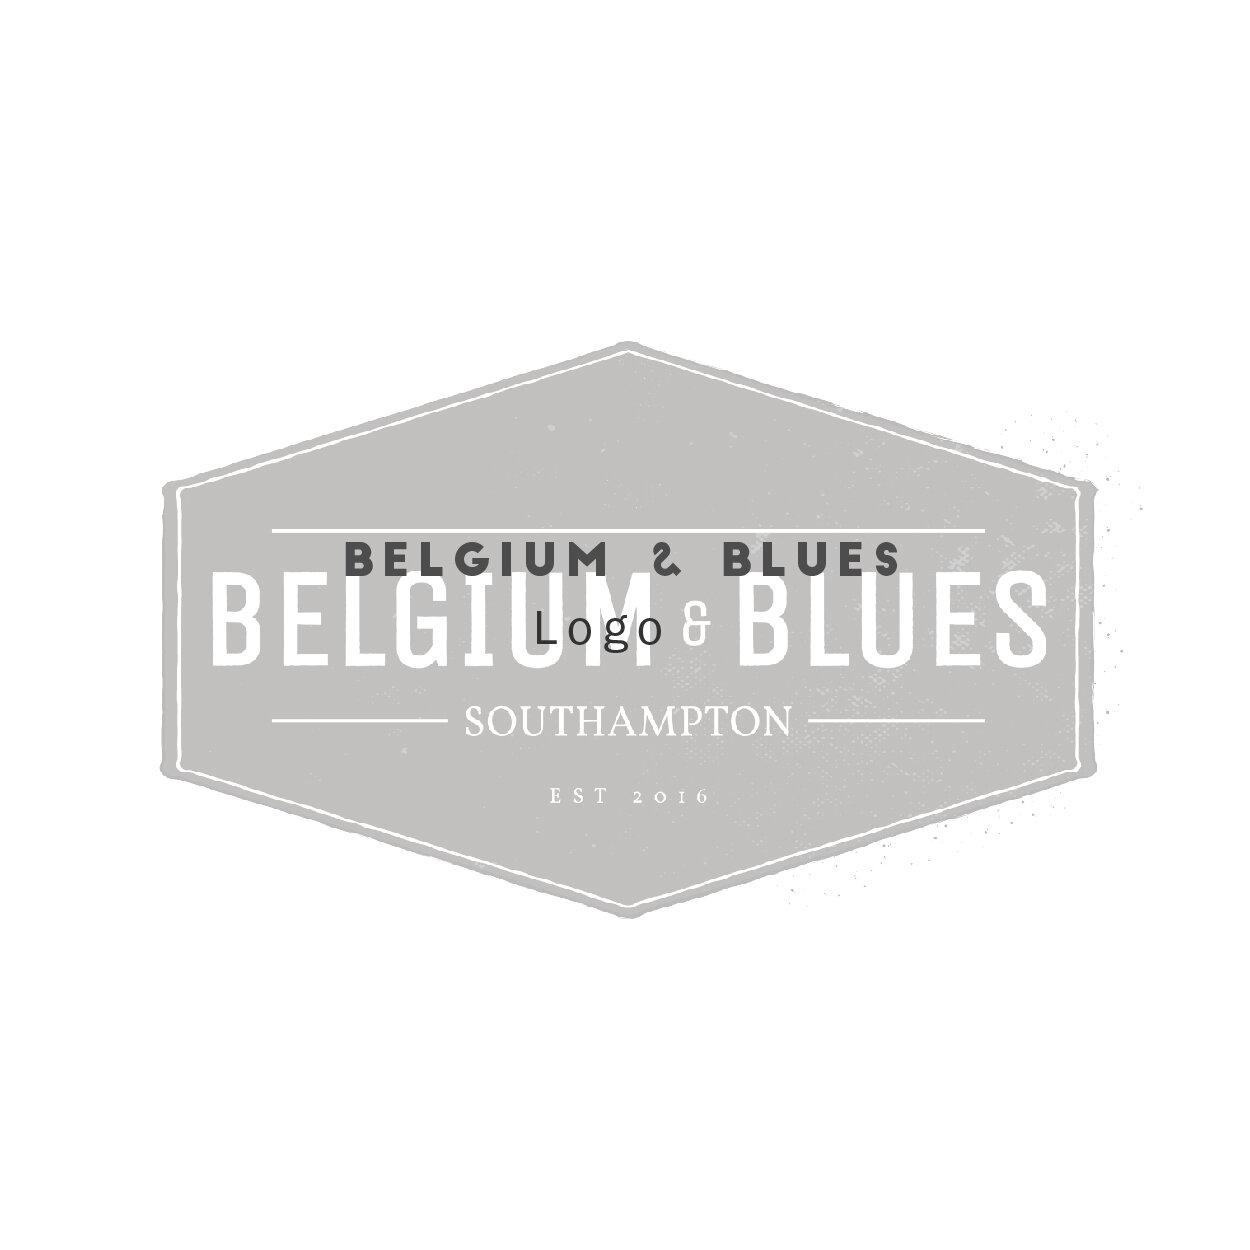 Belgium & Blues